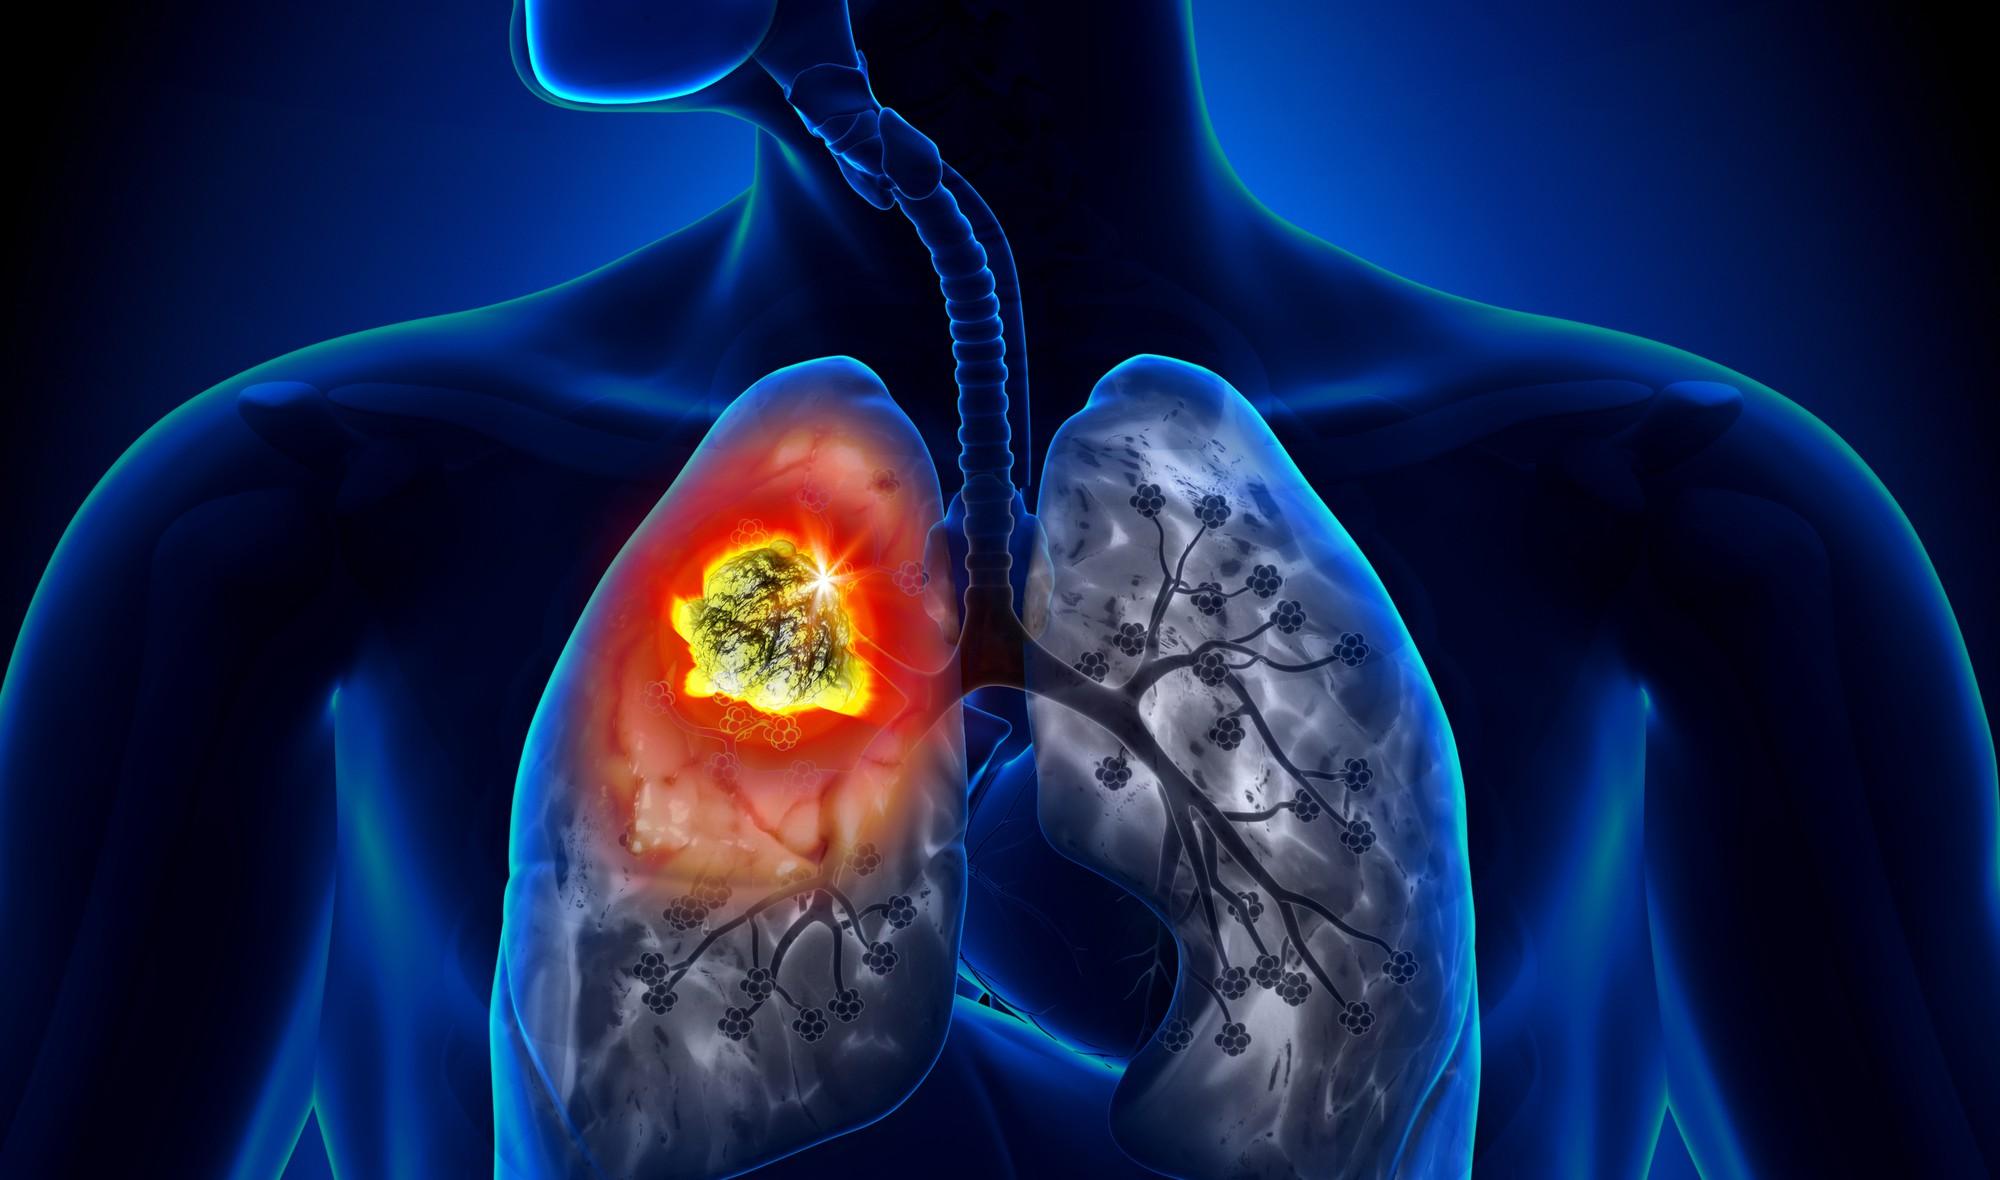 Căn bệnh ung thư phổi mà diễn viên Mai Phương mắc phải nguy hiểm thế nào? Lời cảnh báo cho cả người không hút thuốc - Ảnh 2.